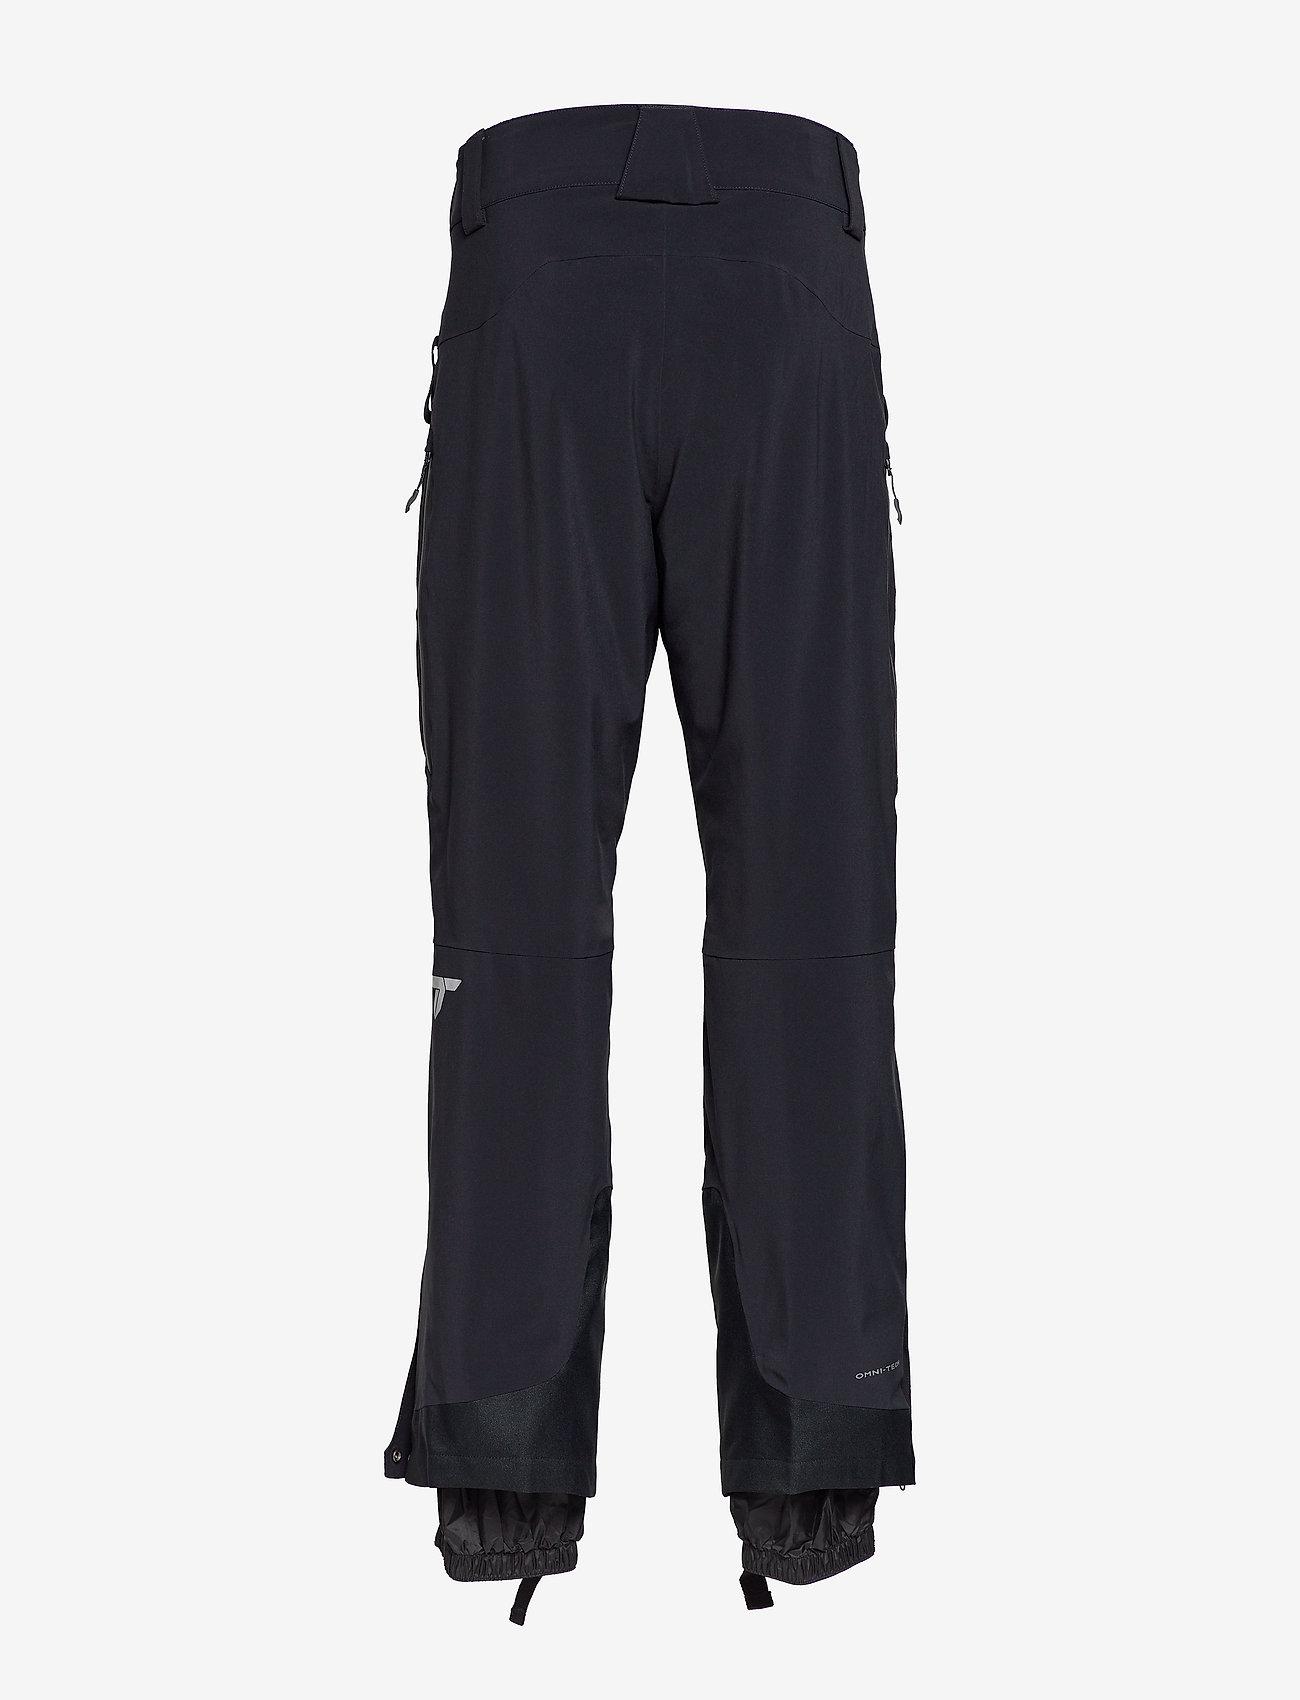 Columbia - Powder Keg III Pant - spodnie narciarskie - black - 1